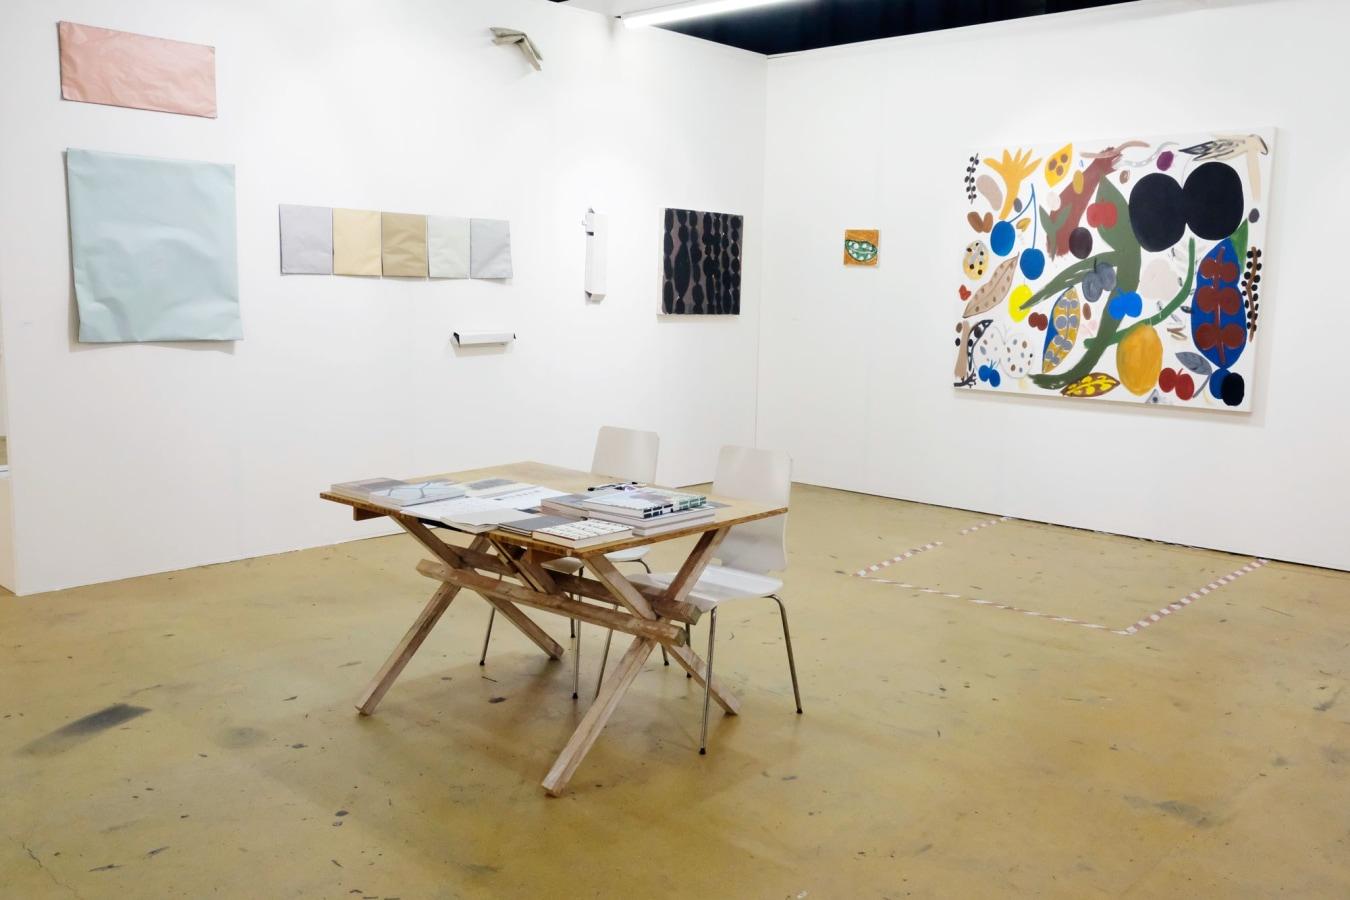 Art Rotterdam 2019, Klaas Kloosterboer, German Stegmaier, Tuukka Tammisaari, Nahum Tevet, JCJ Vanderheyden, Johan De Wit, Ronald Noorman †,